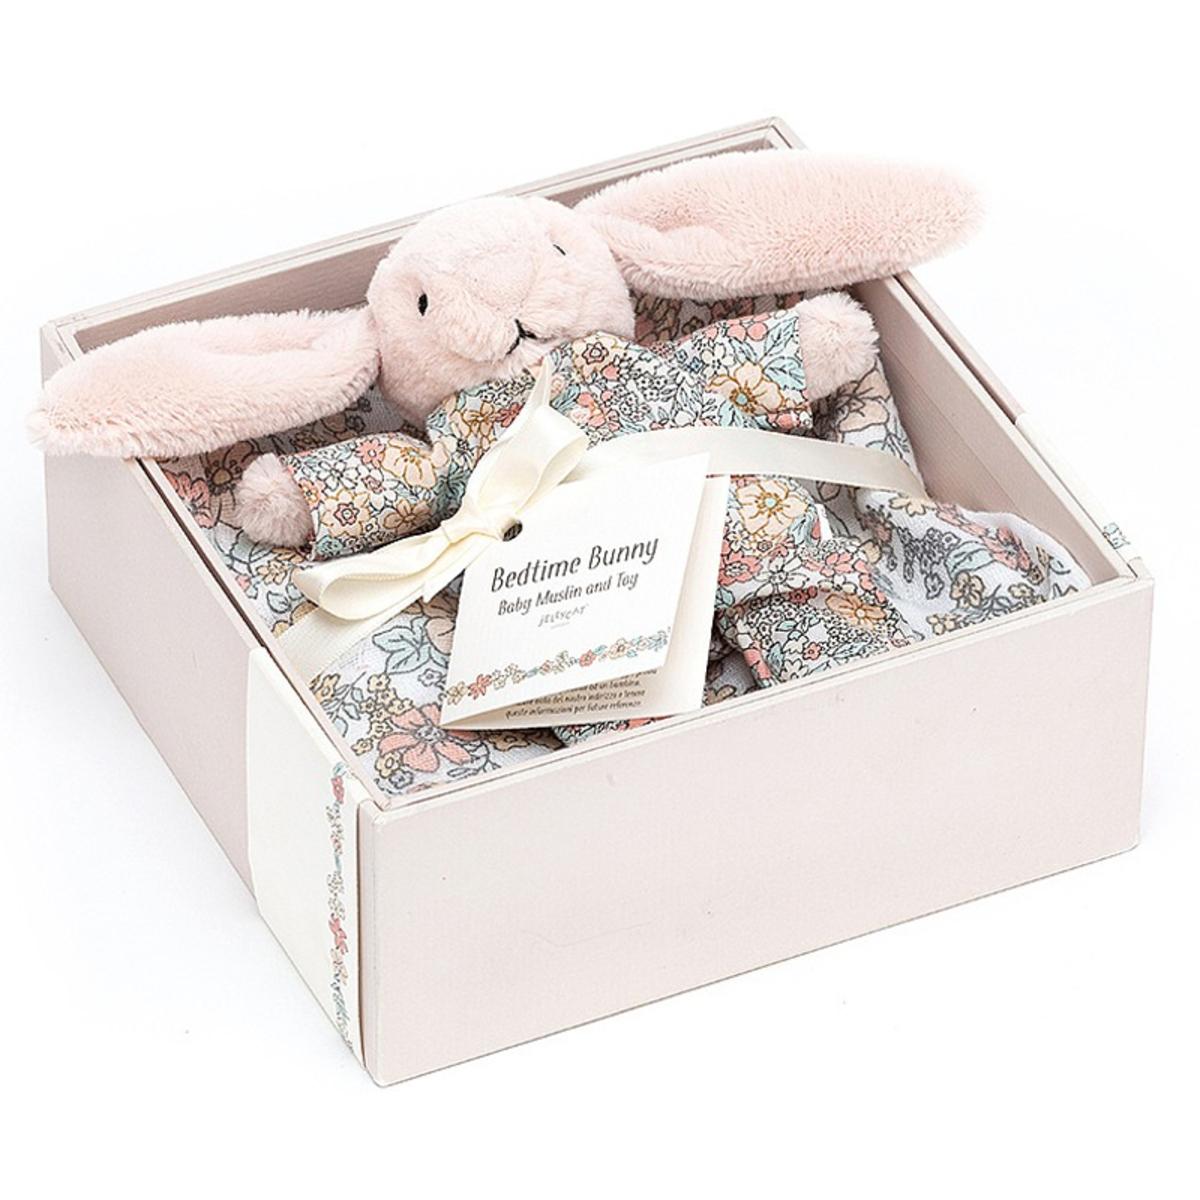 Lange Boîte Cadeau Bedtime Blossom Bunny - Rose Boîte Cadeau Bedtime Blossom Bunny - Rose